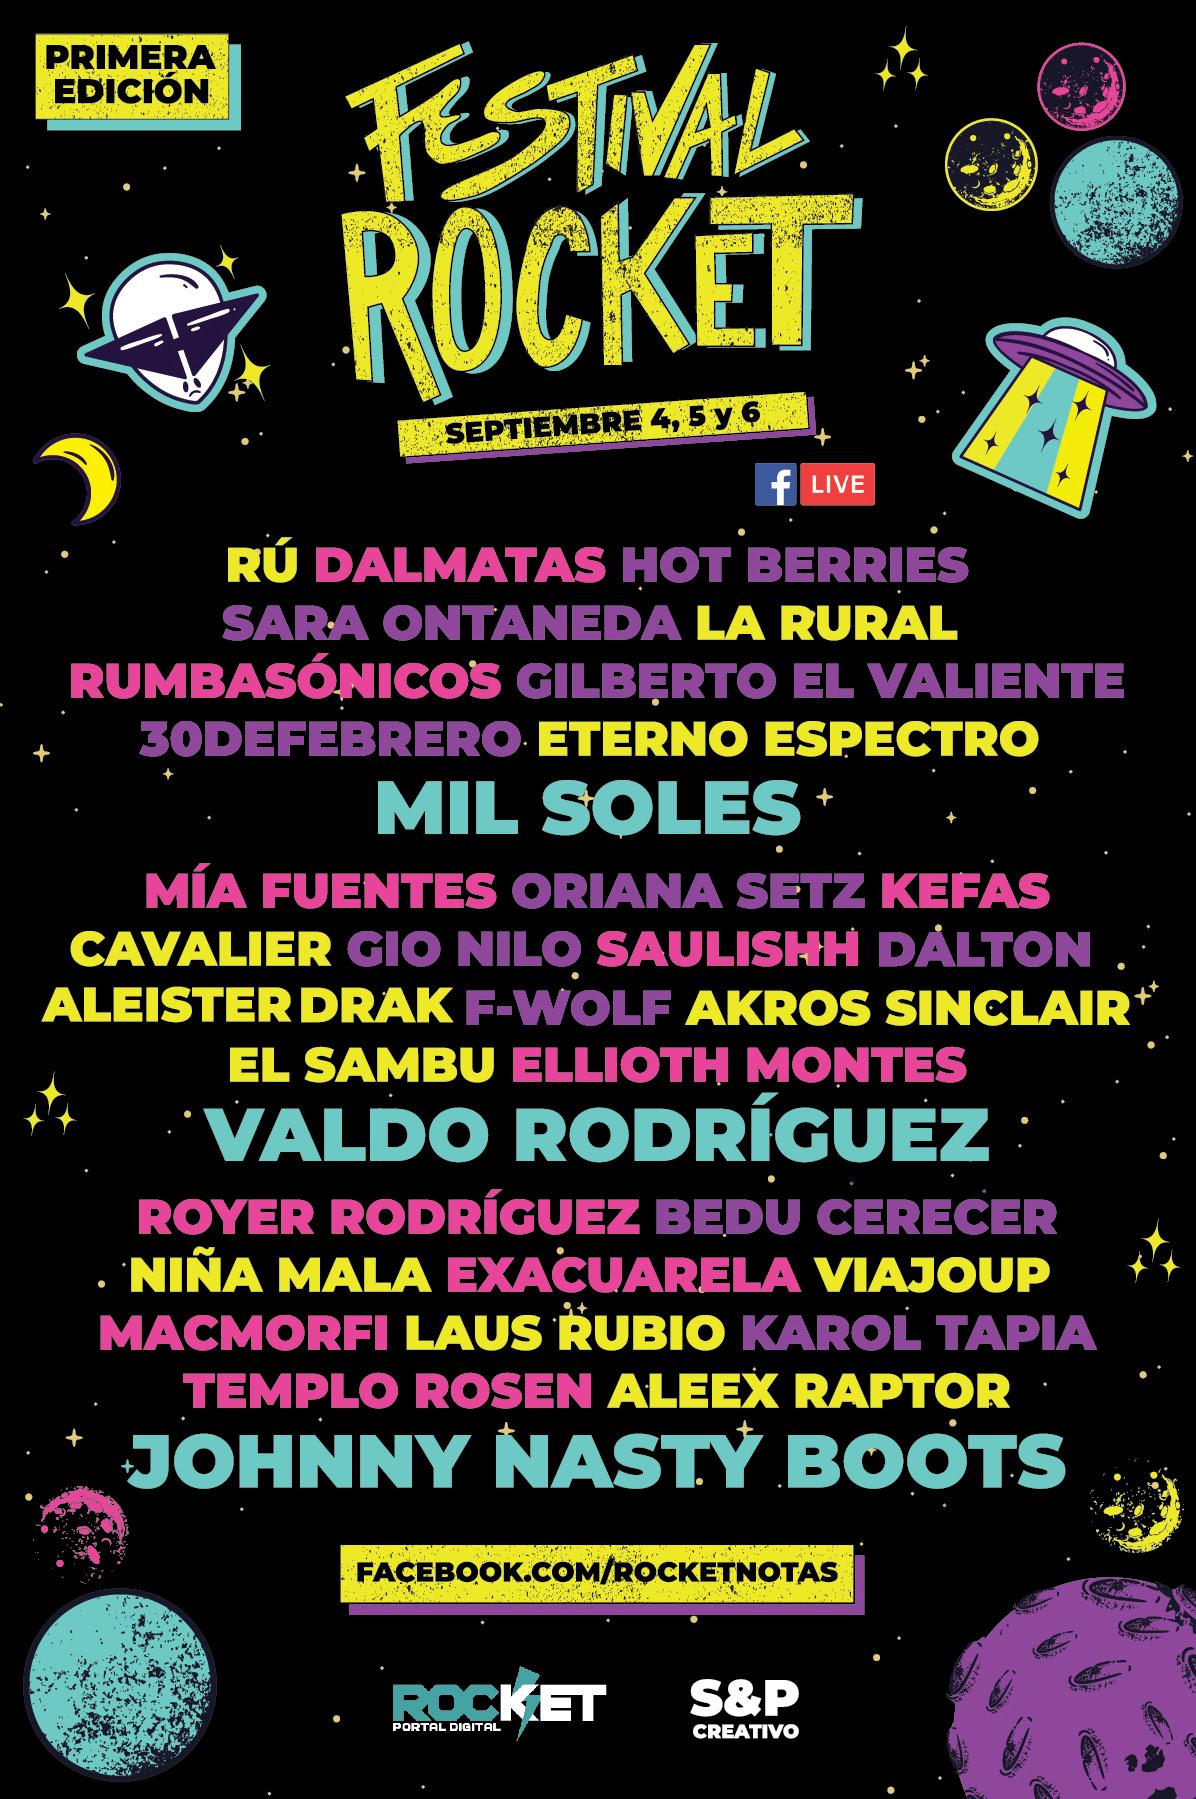 Todo listo para la primera edición del Festival Rocket